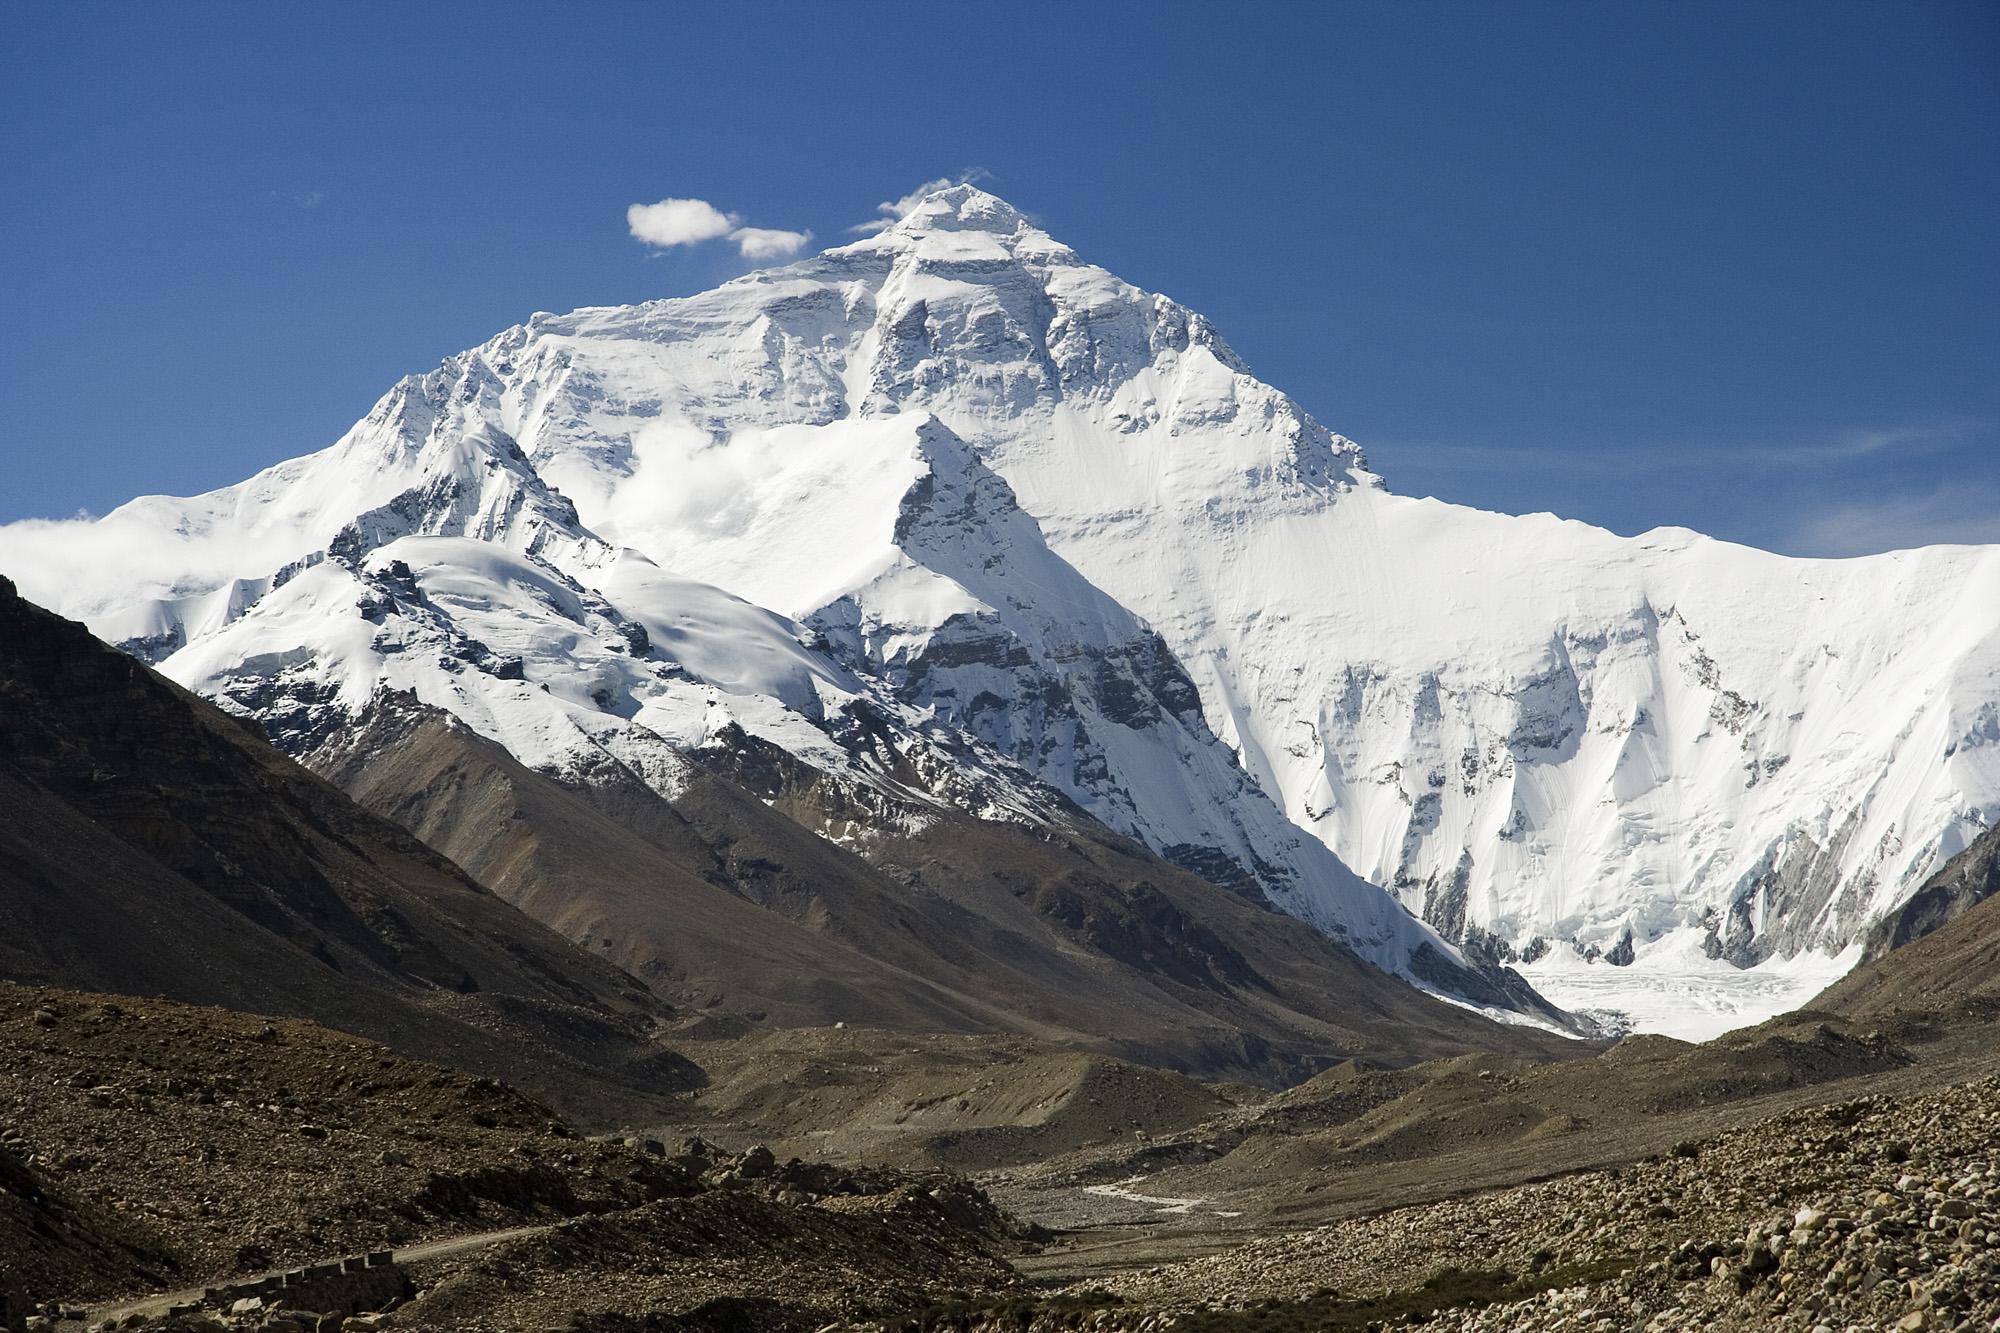 Chiny wytyczą linię na szczycie Everestu, aby powstrzymać rozprzestrzenianie się Covid-19